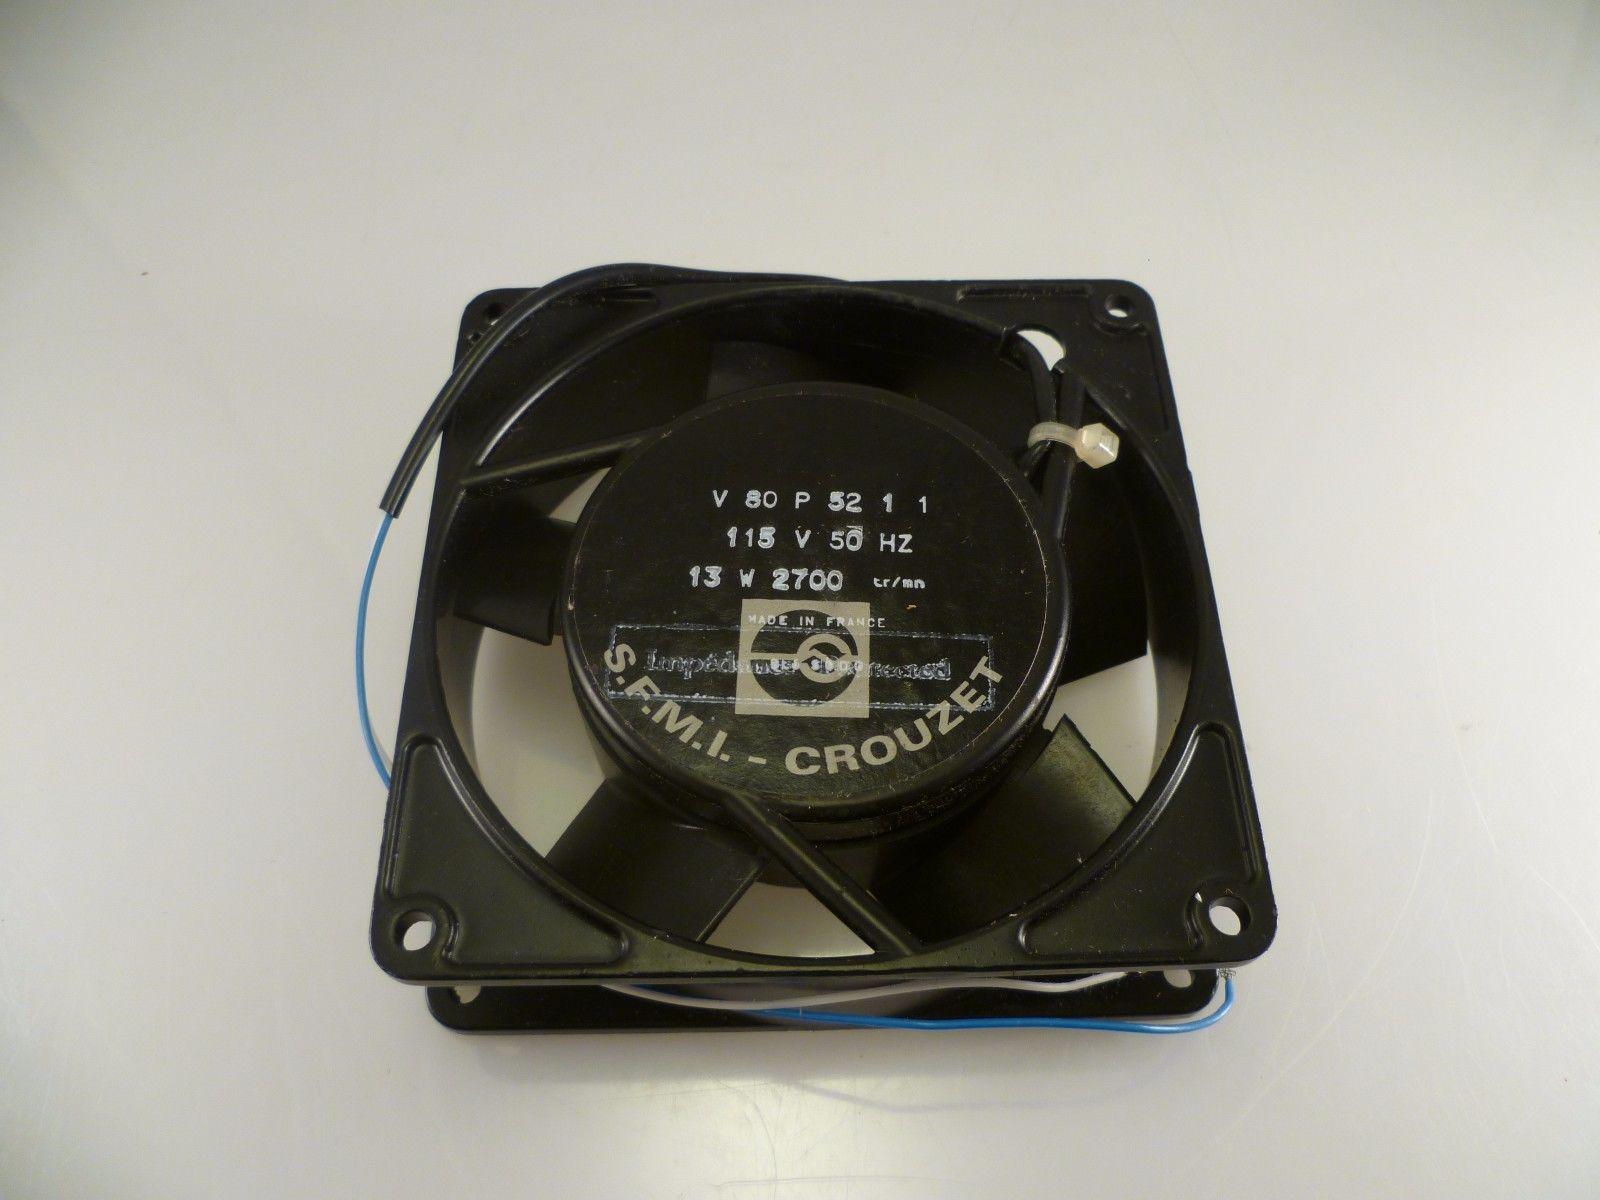 Crouzet 70546290 115VAC 0.21A 50//60Hz 2wire Aluminum frame cooling fan #ME50 QL